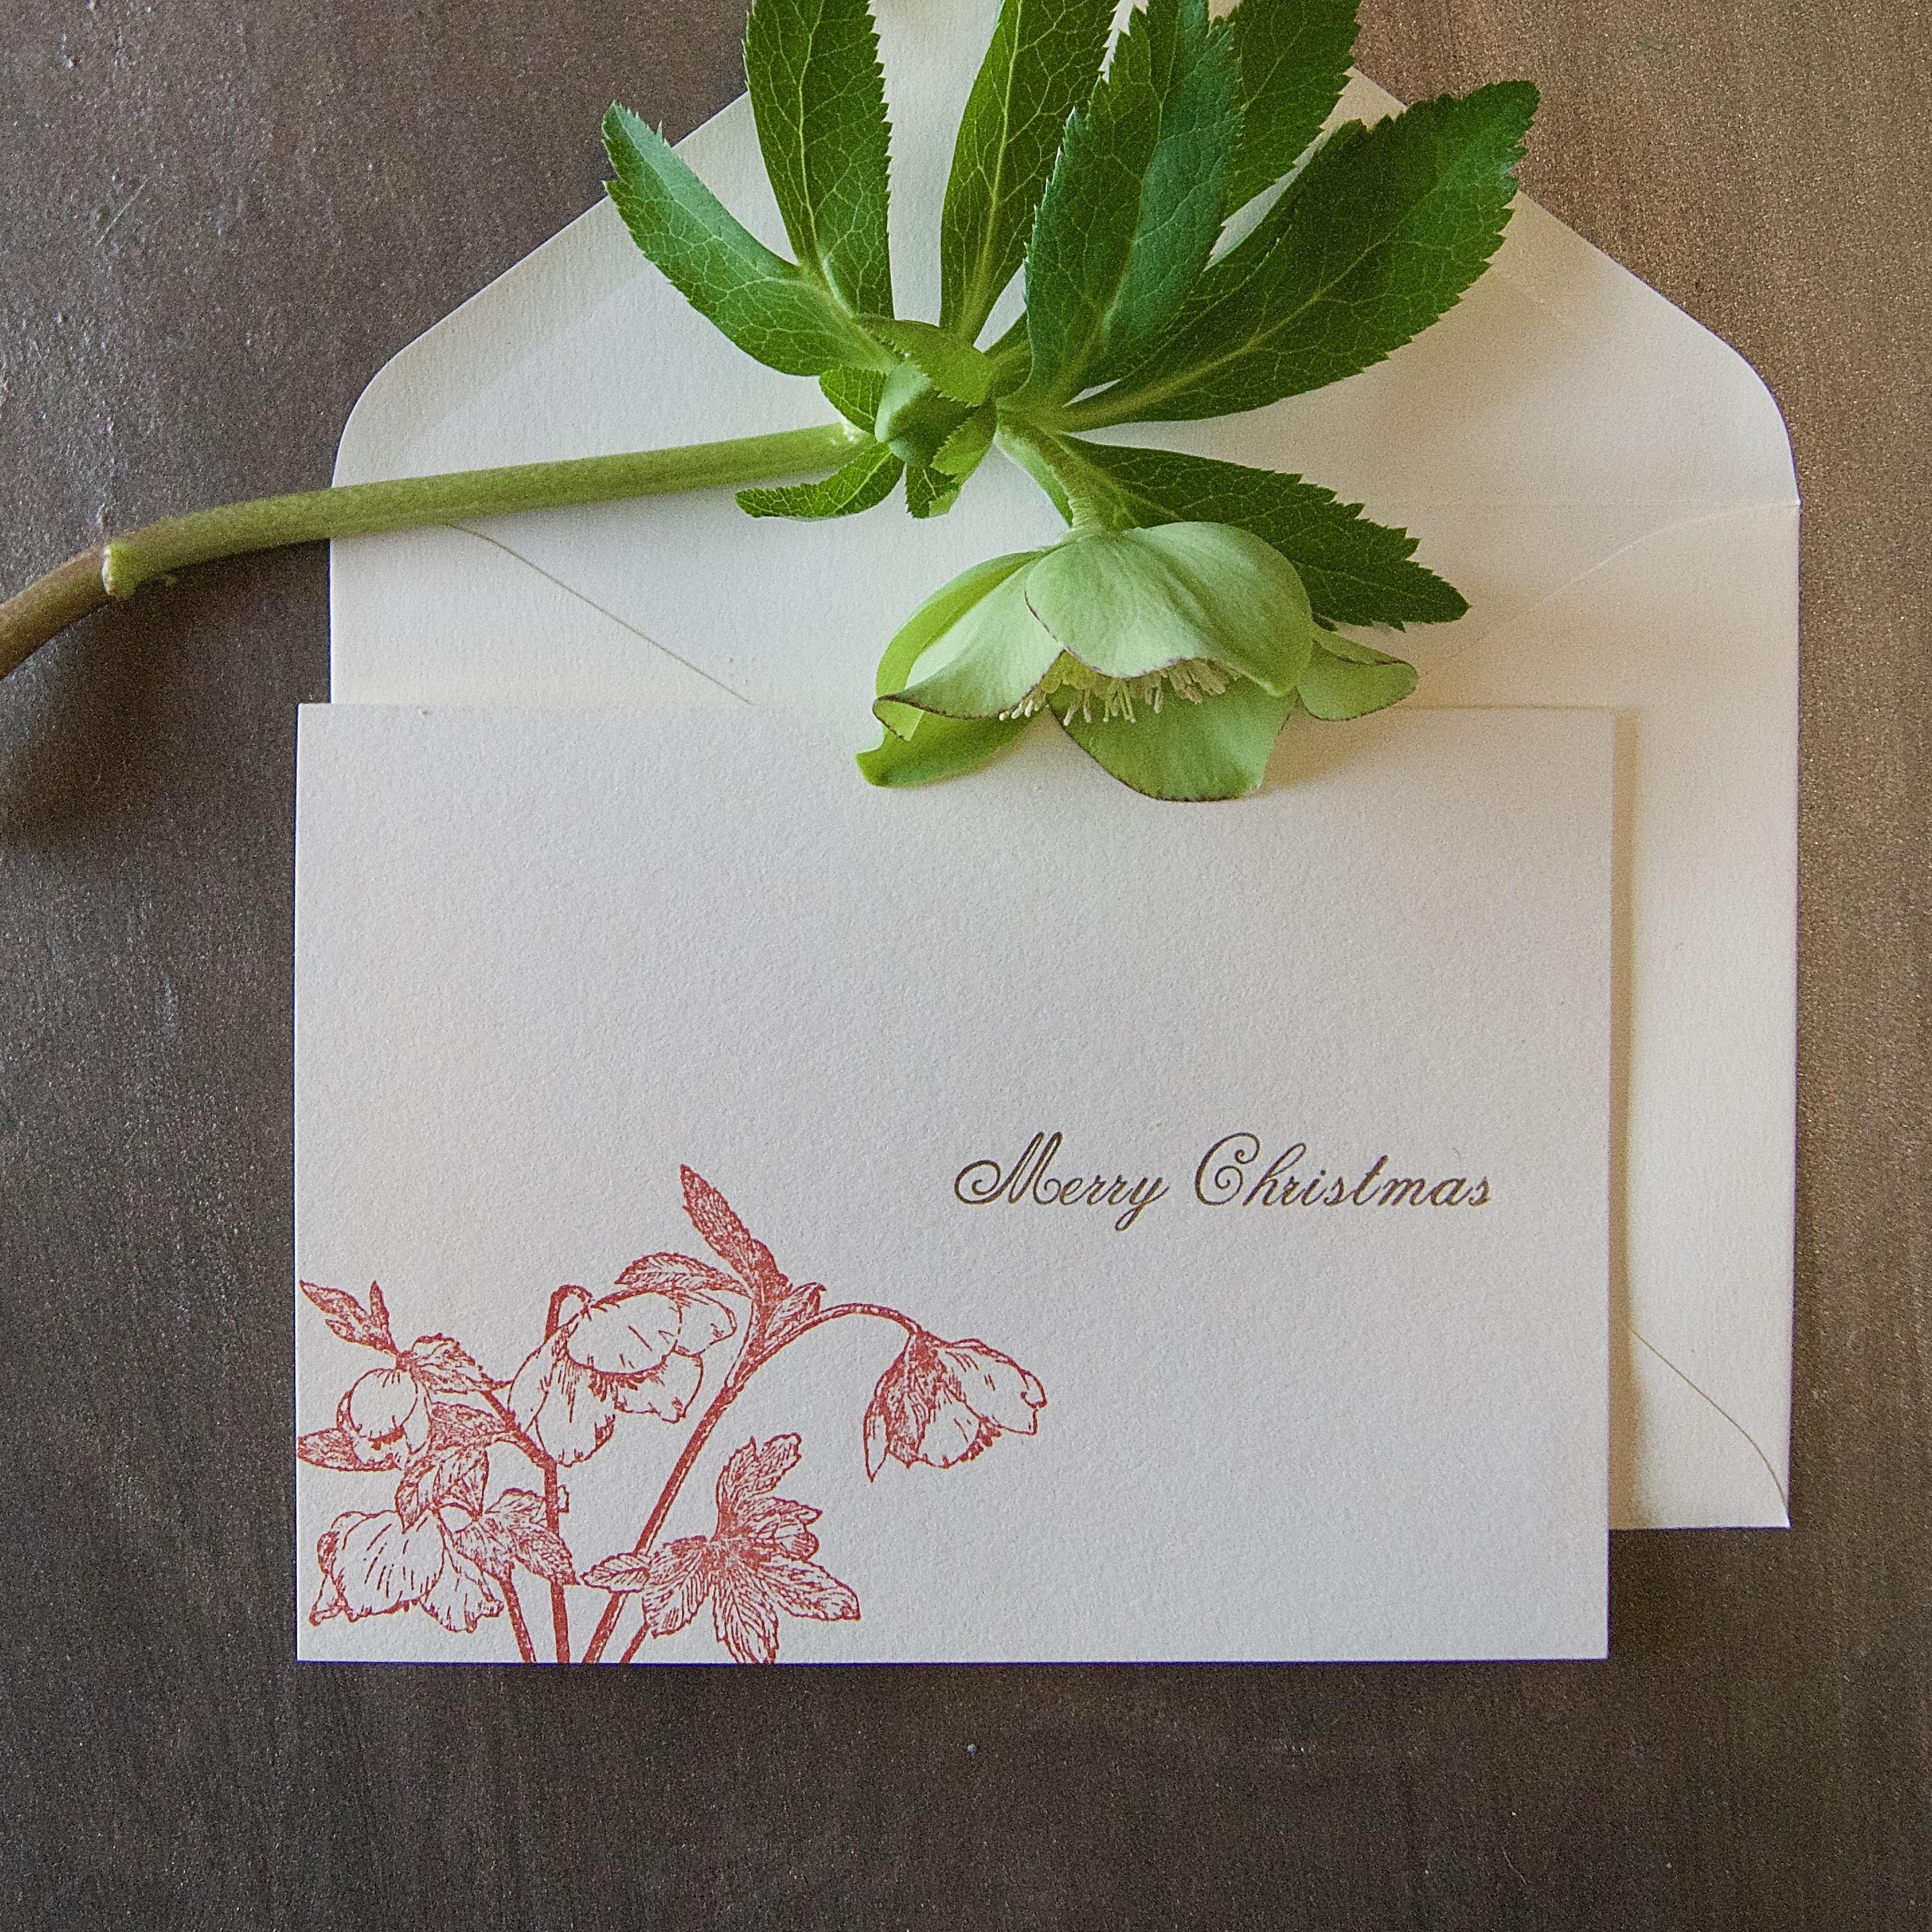 【クリスマスカード】 クリスマスローズ / カード1枚+封筒1枚セット/活版印刷